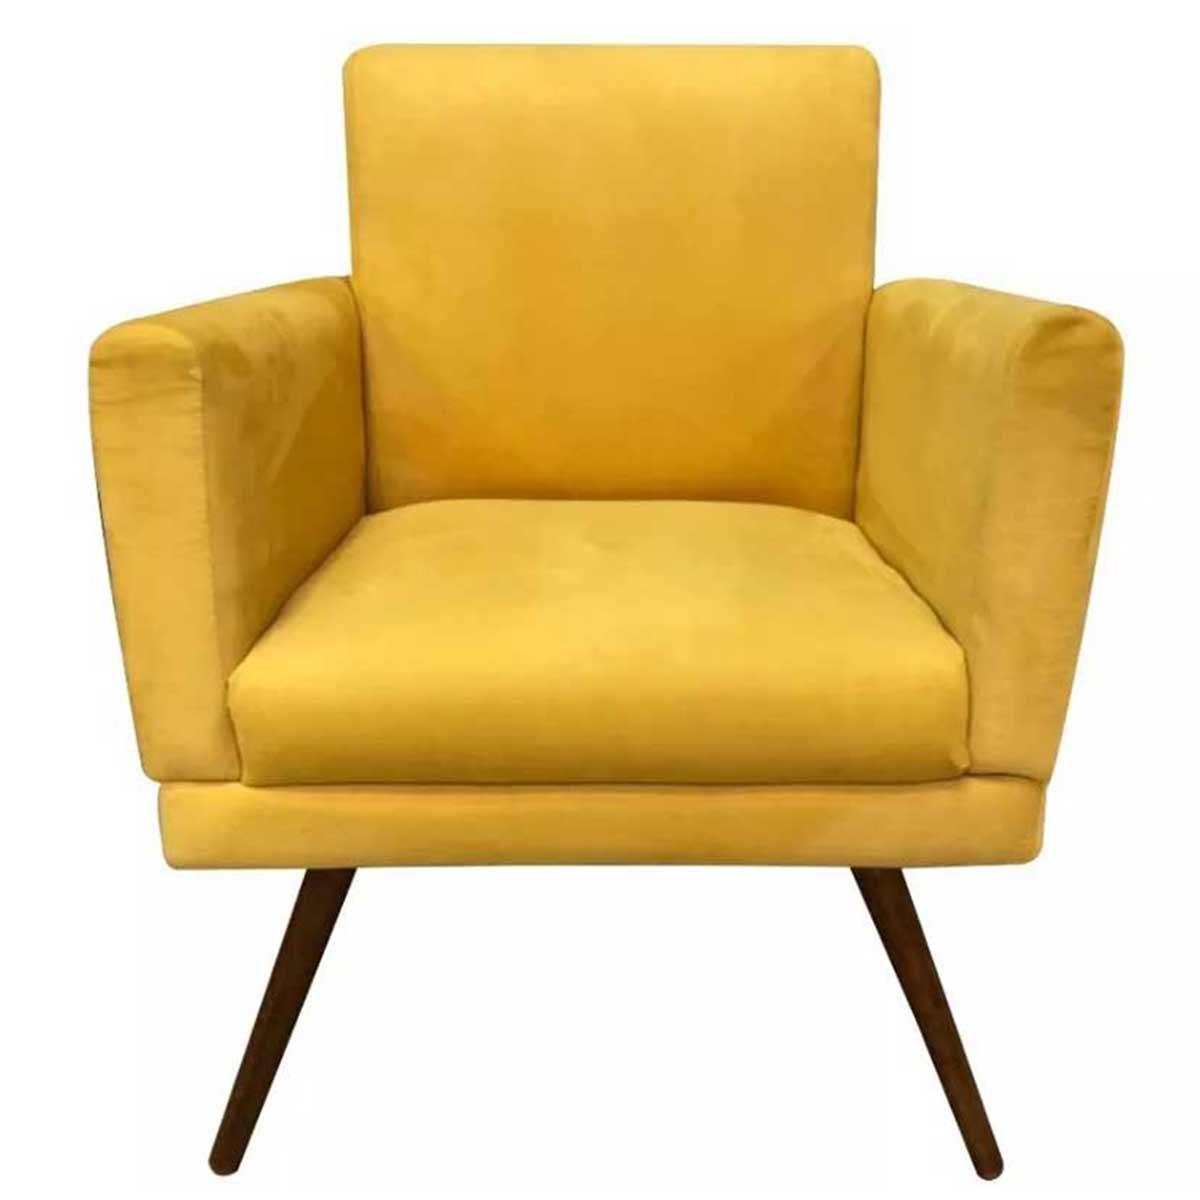 Poltrona Decorativa Estela Pé Palito Animale Amarelo